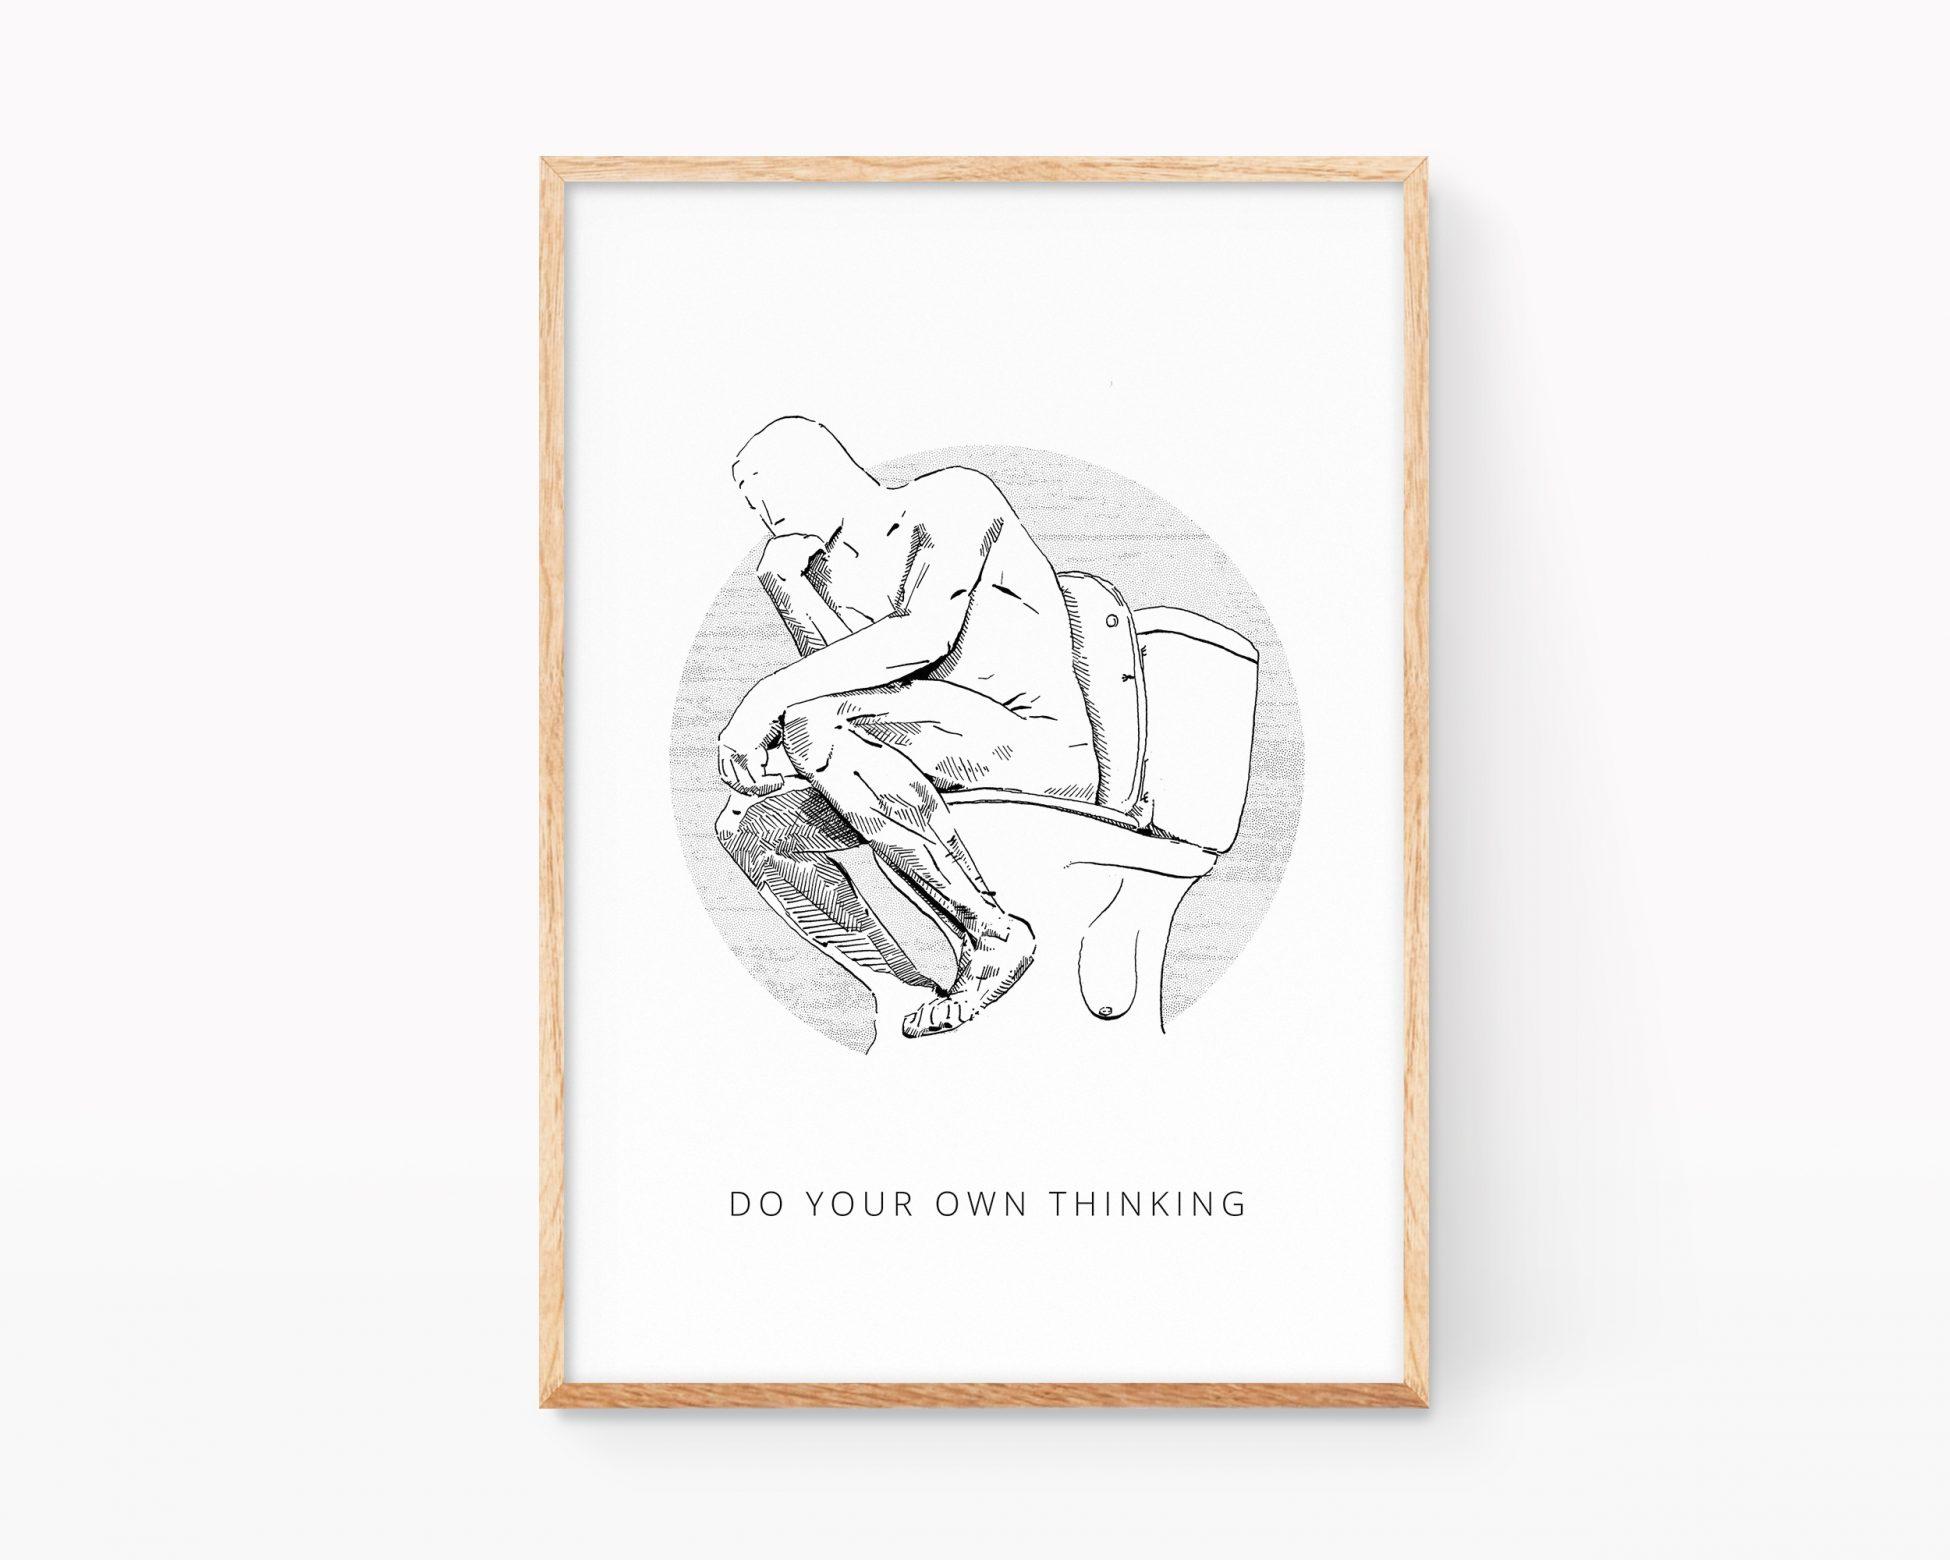 Cuadro para enmarcar con un dibujo en blanco y negro de el pensador de Rodin. Ilustracions divertidas venta online